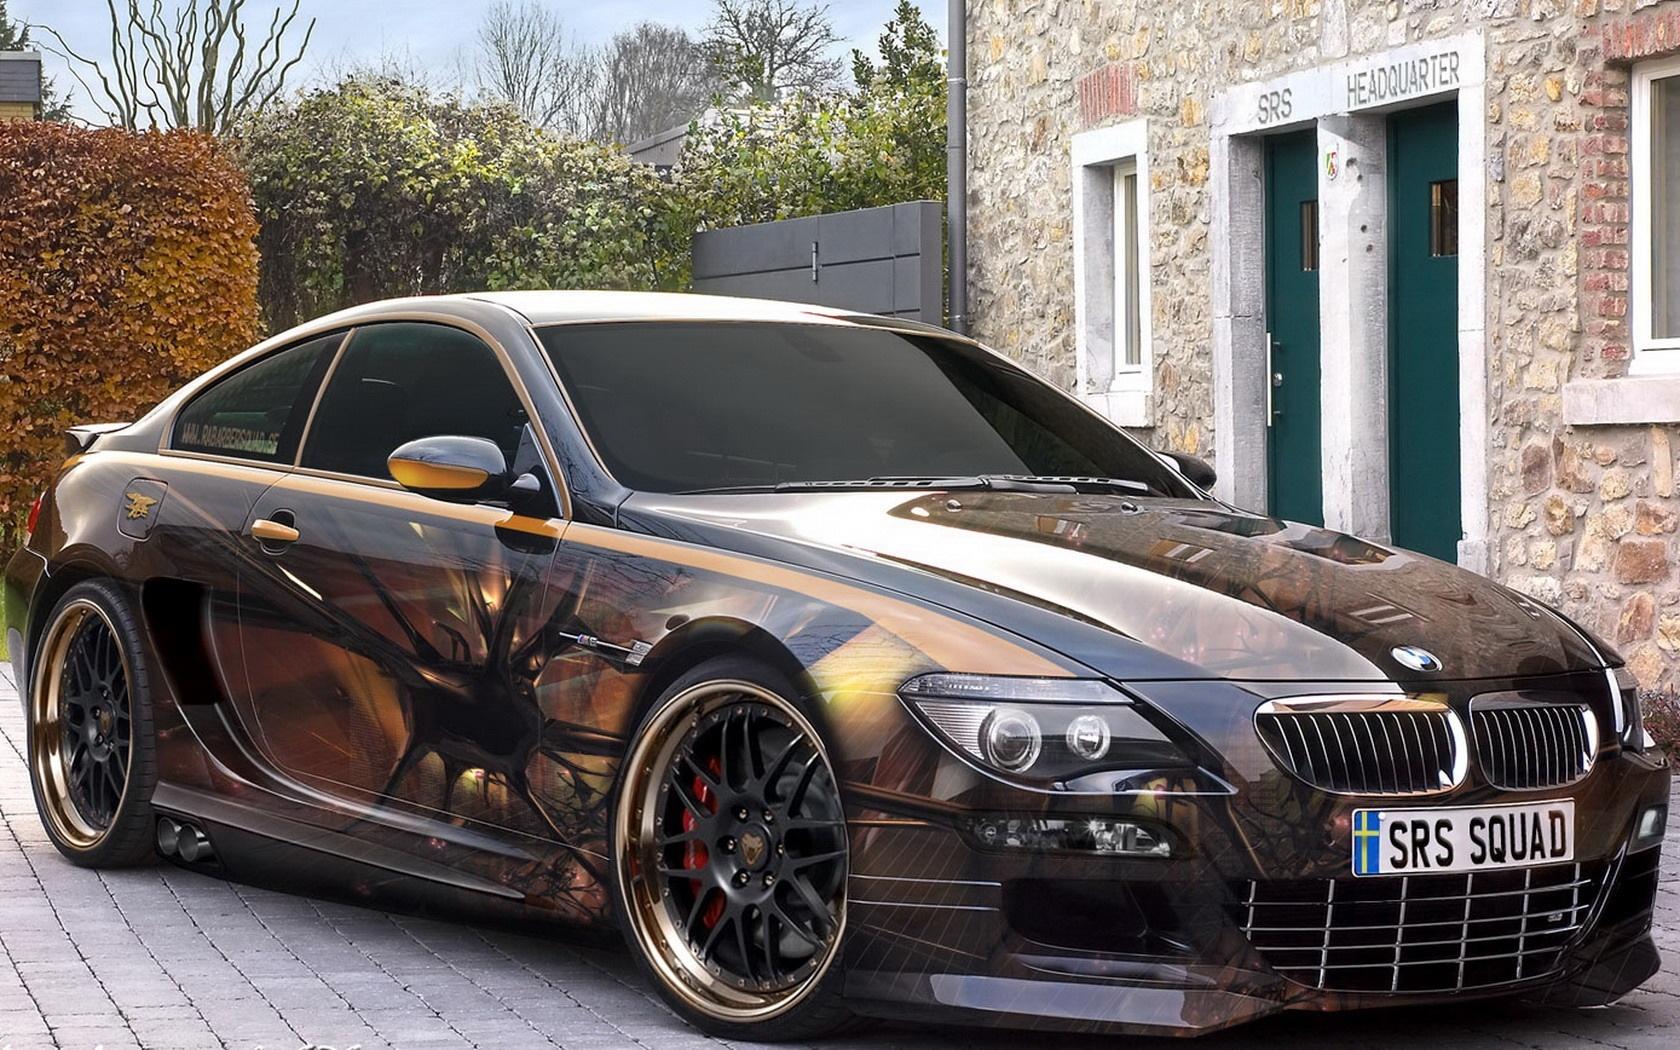 BMW R. BMW s 1000rr. BMW HP2 SPORT. обои Аэрография фото, картинки